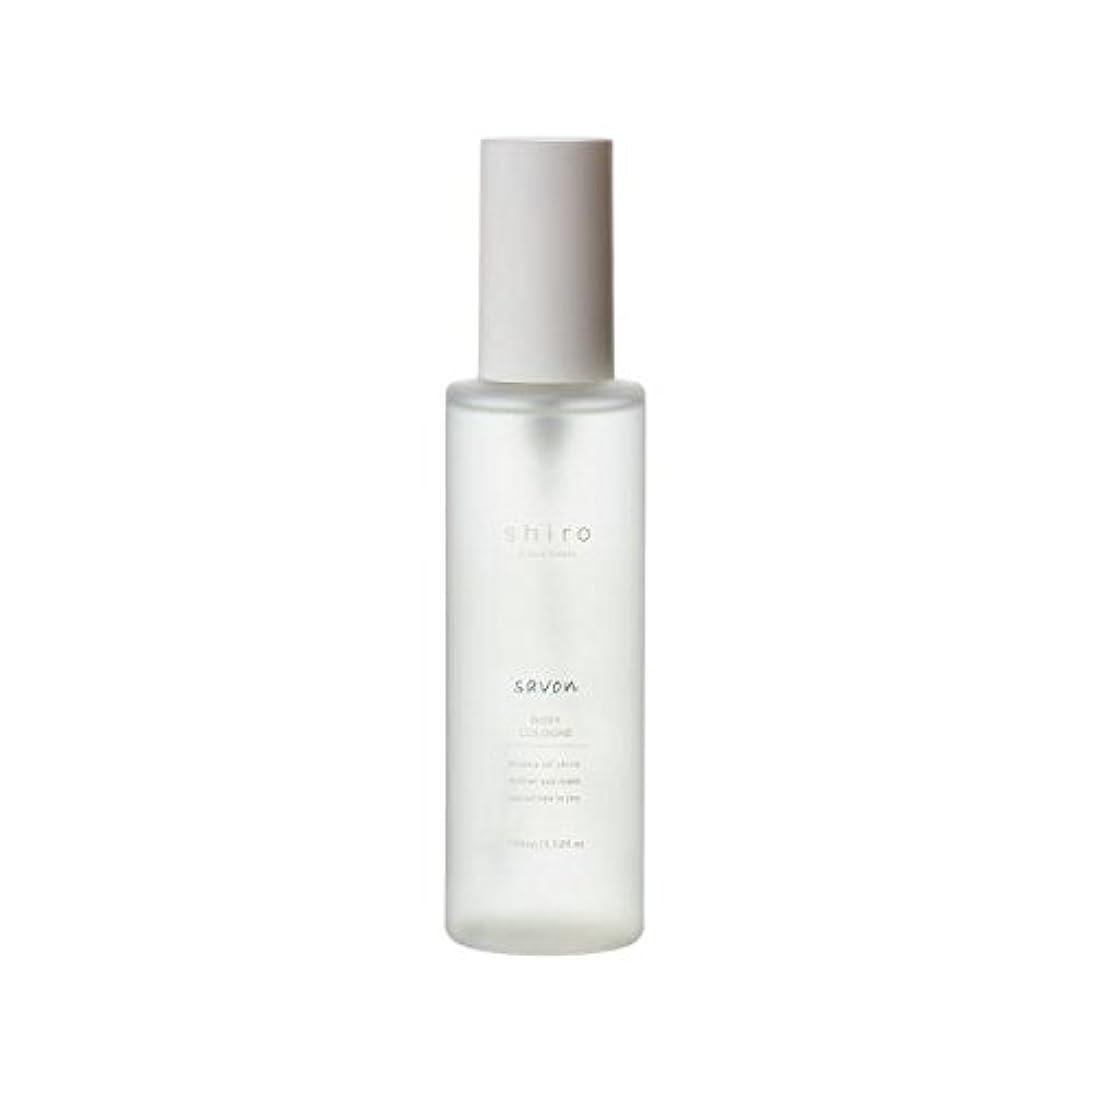 背骨背骨アラブ人shiro サボン ボディコロン 100ml 清潔で透明感のある自然な石けんの香り ミスト シロ